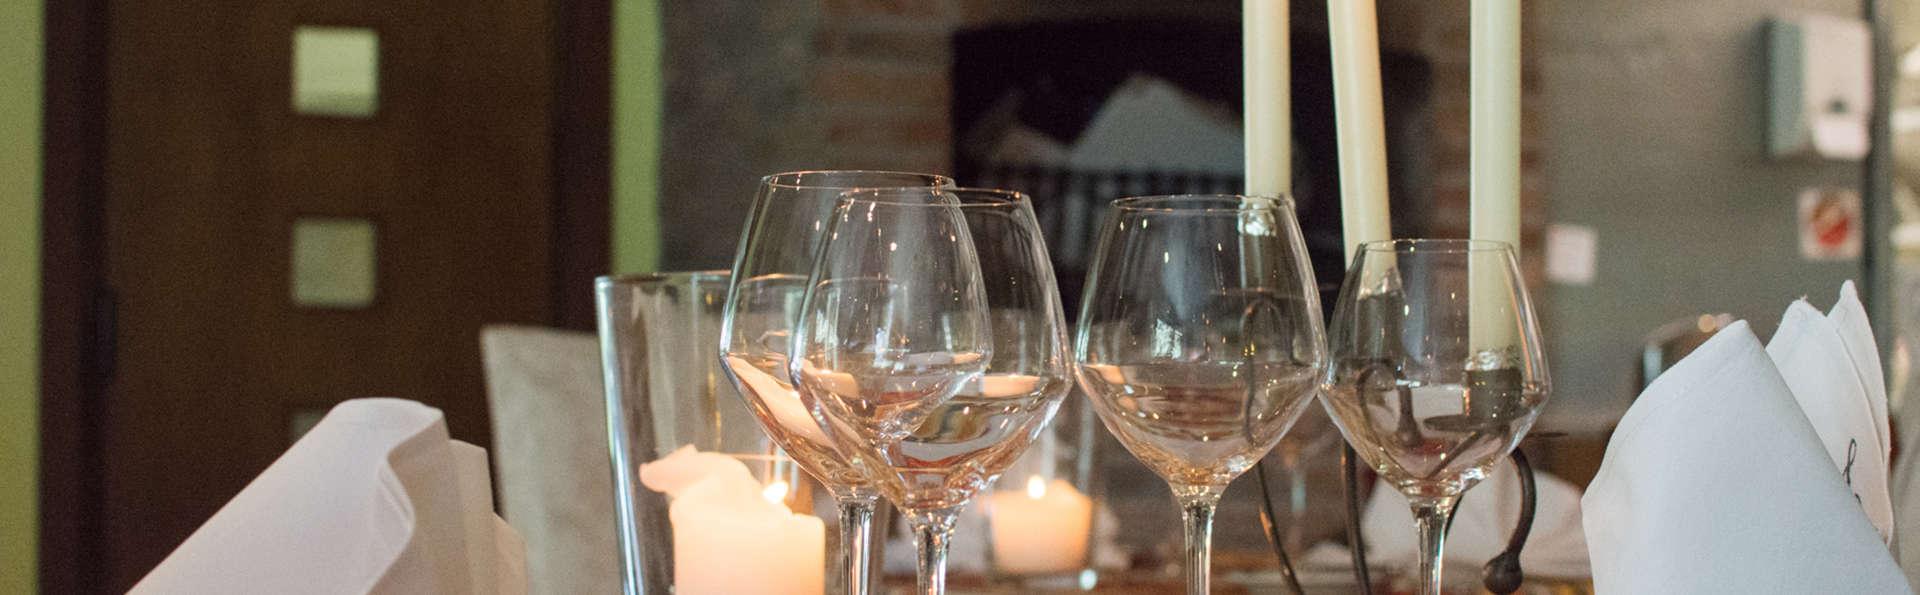 Profitez d'un séjour culinaire avec 2 dîners, sauna et jacuzzi privé à Oudenburg (à partir de 2 nuit